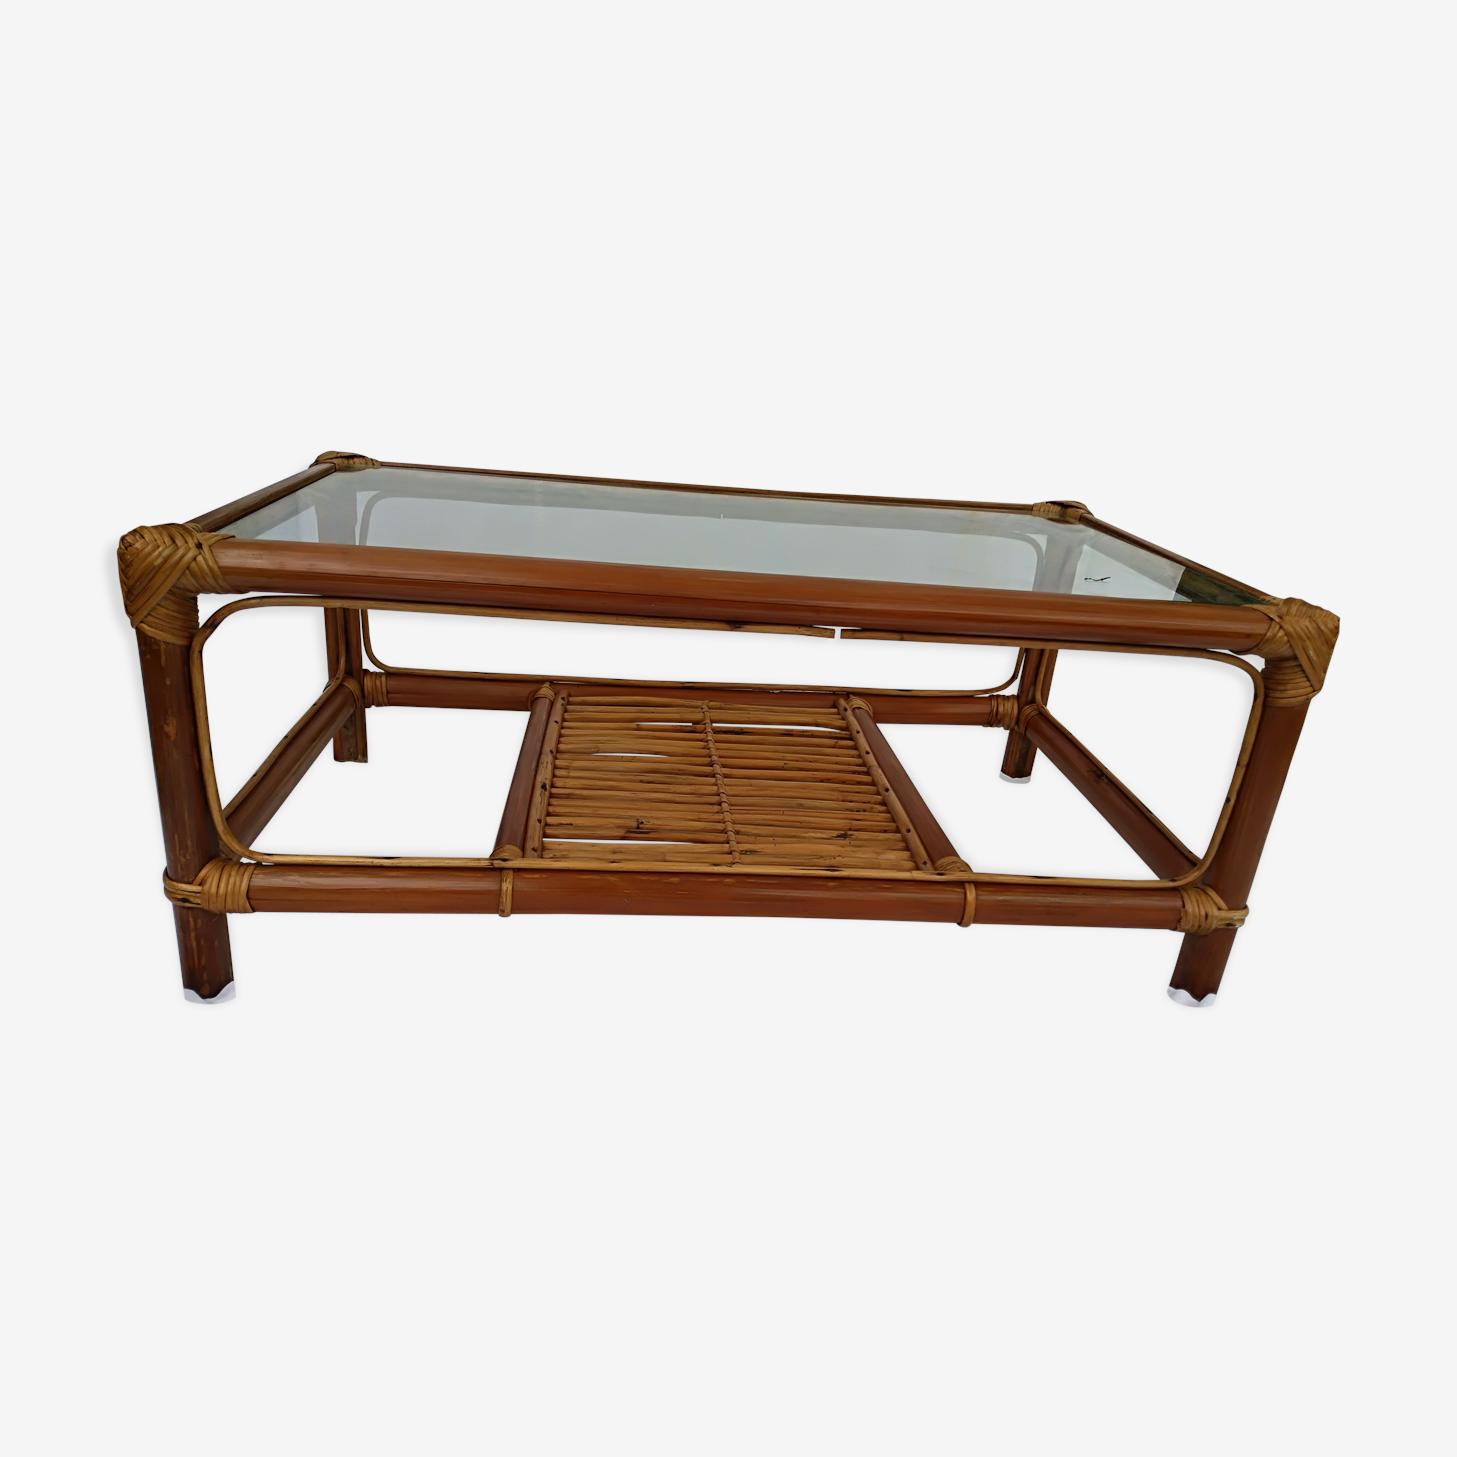 Coffee table vintage rattan